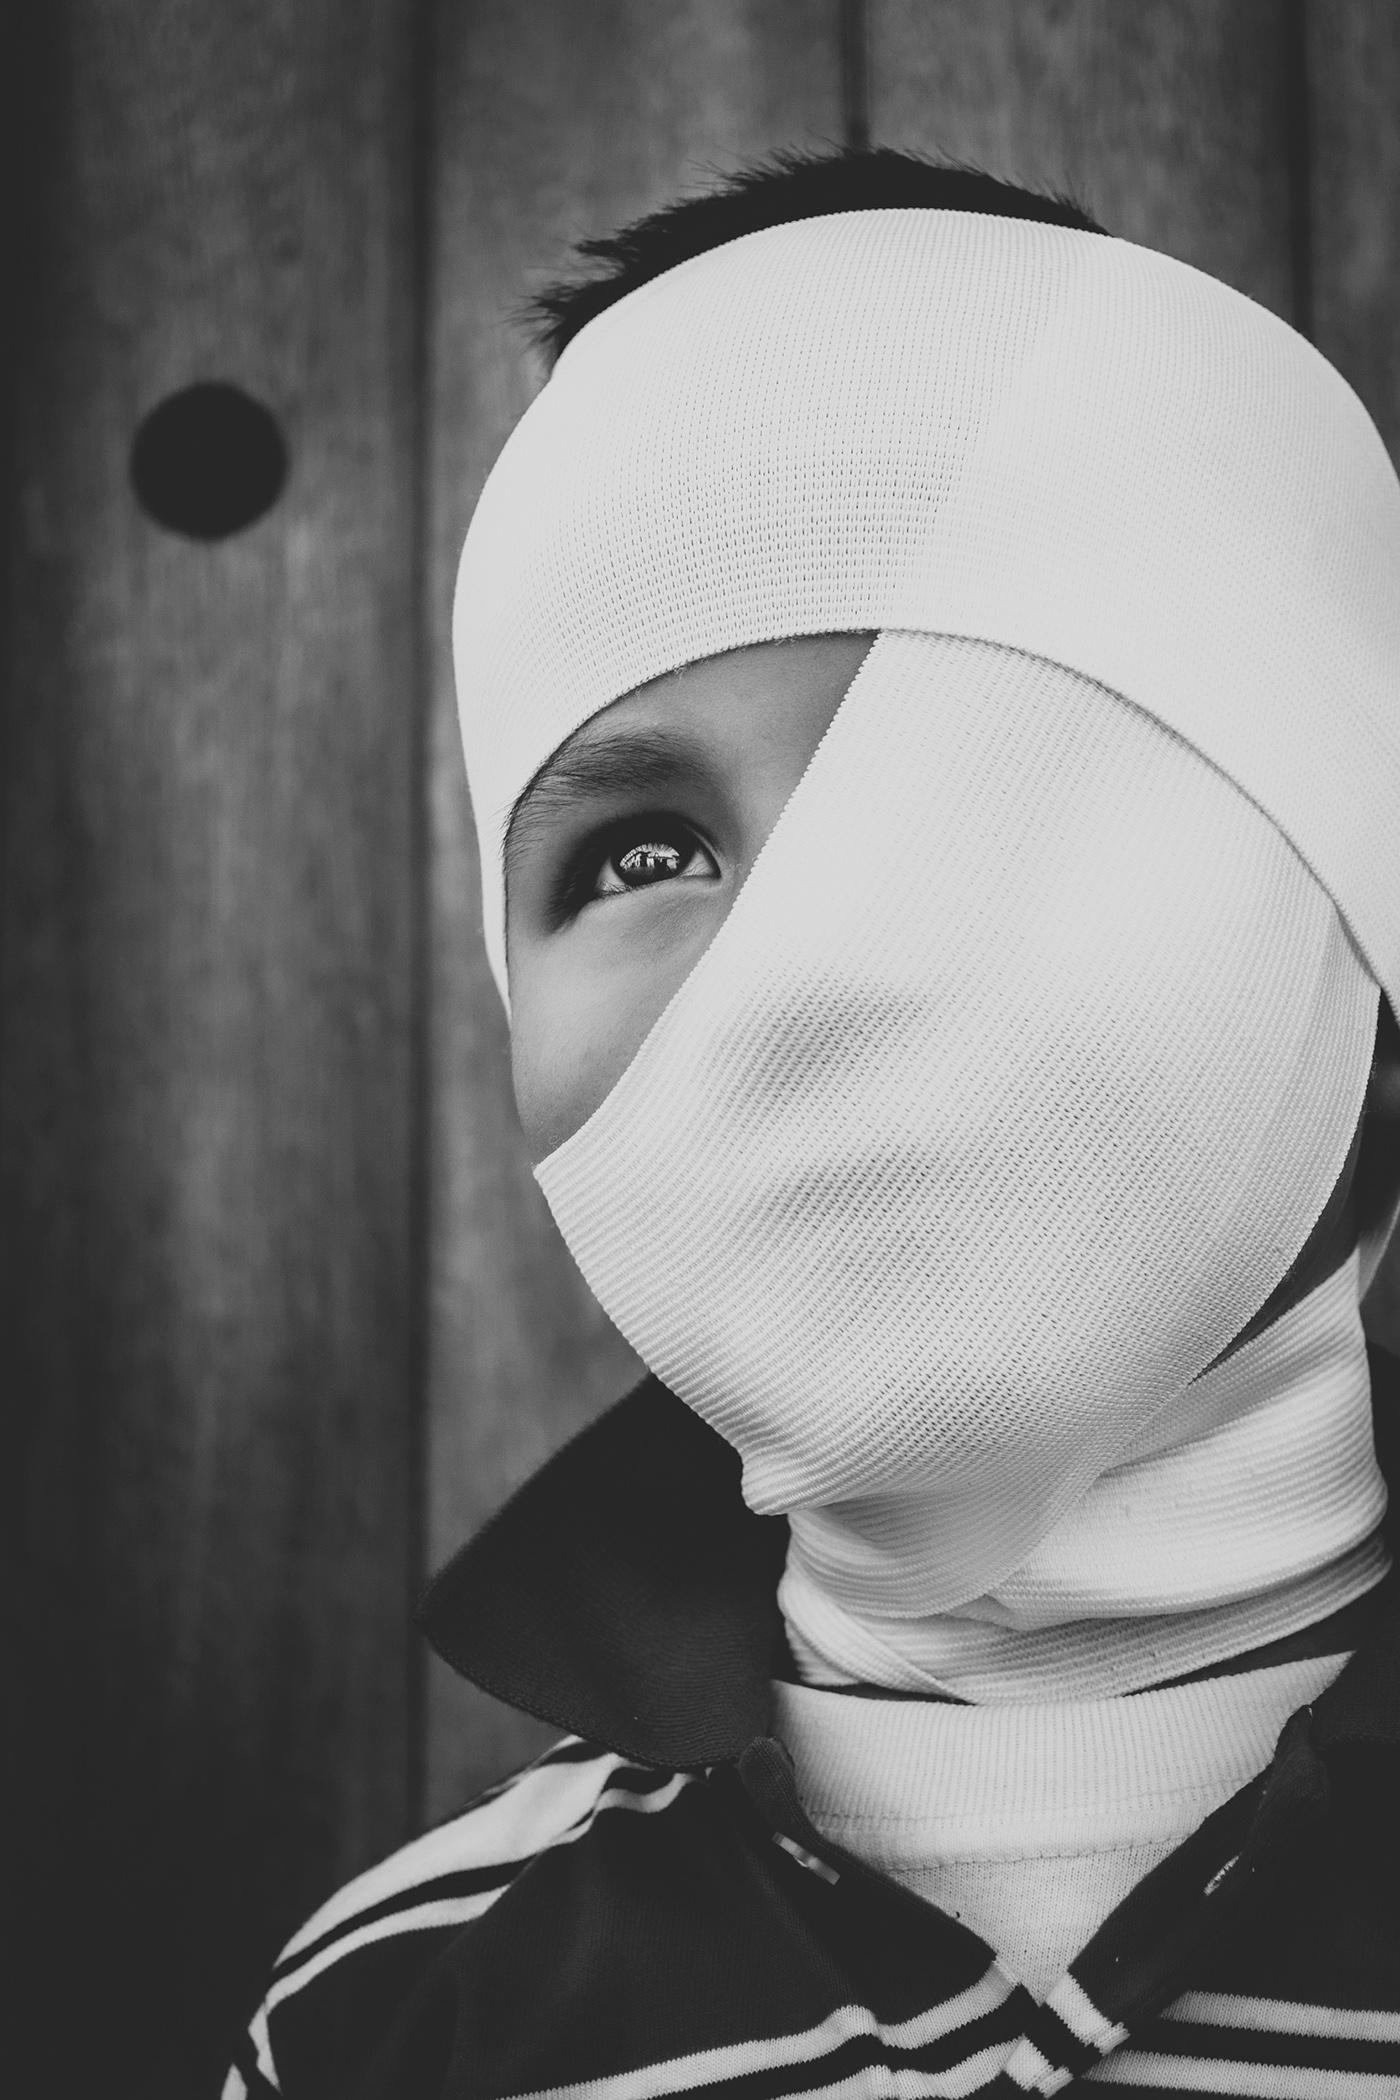 kids black color foto photo studio White villa de leyva gray alone noir